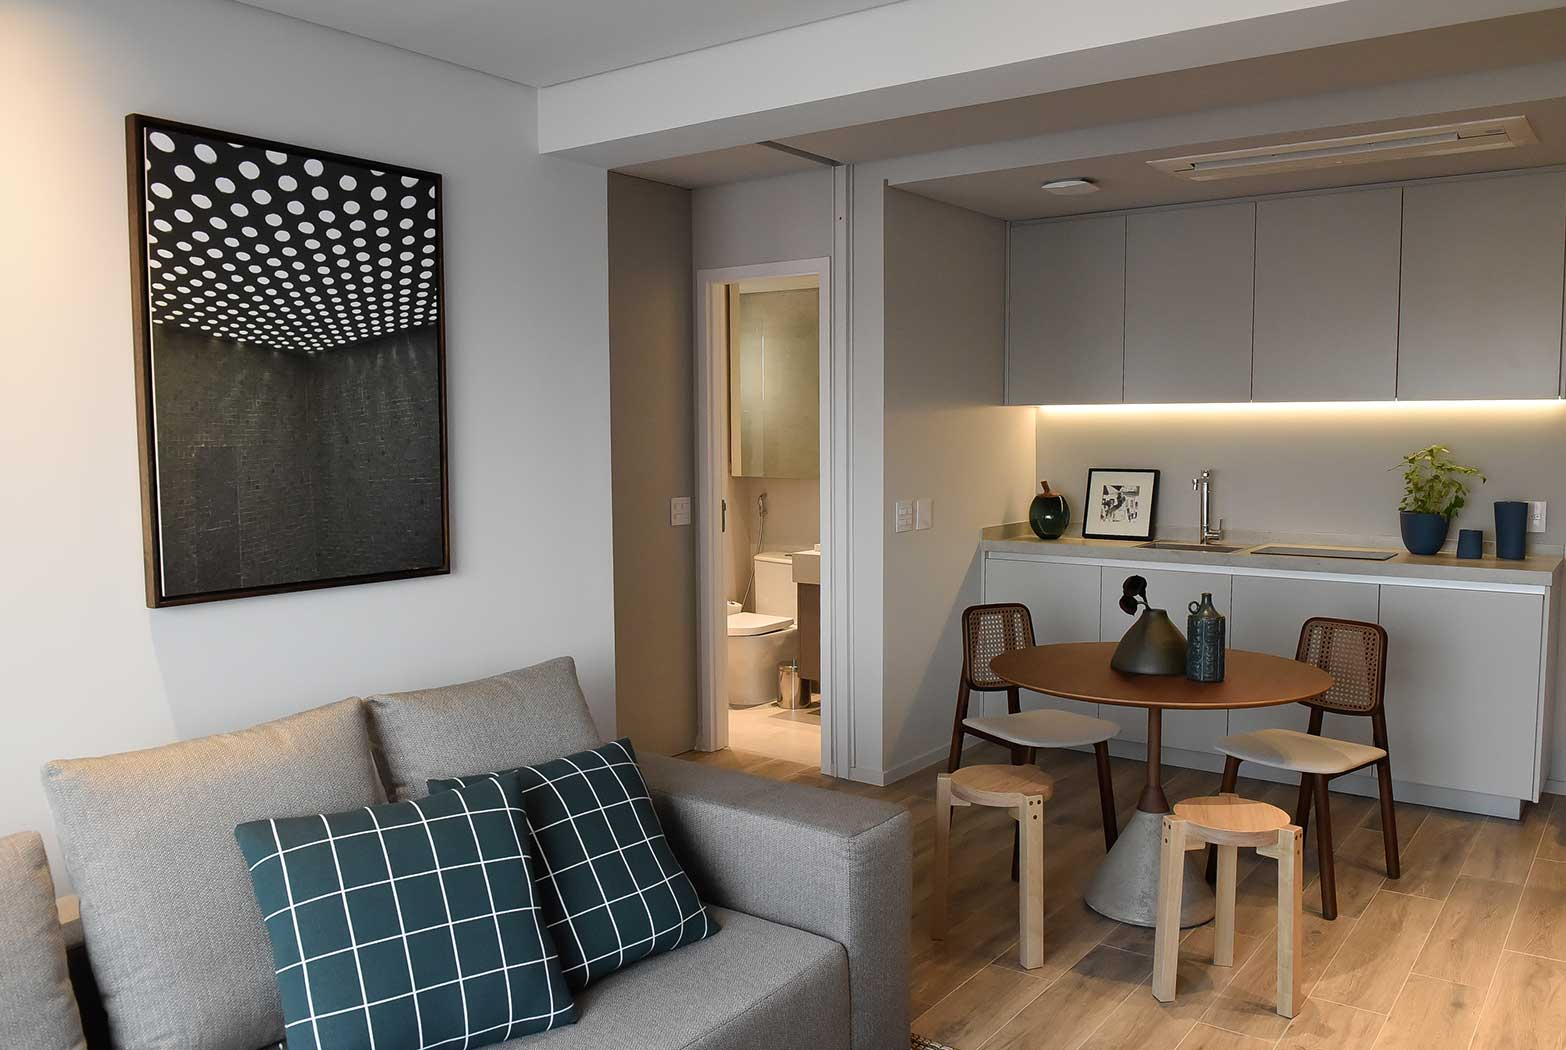 VO699 Apartamentos2 - VO699